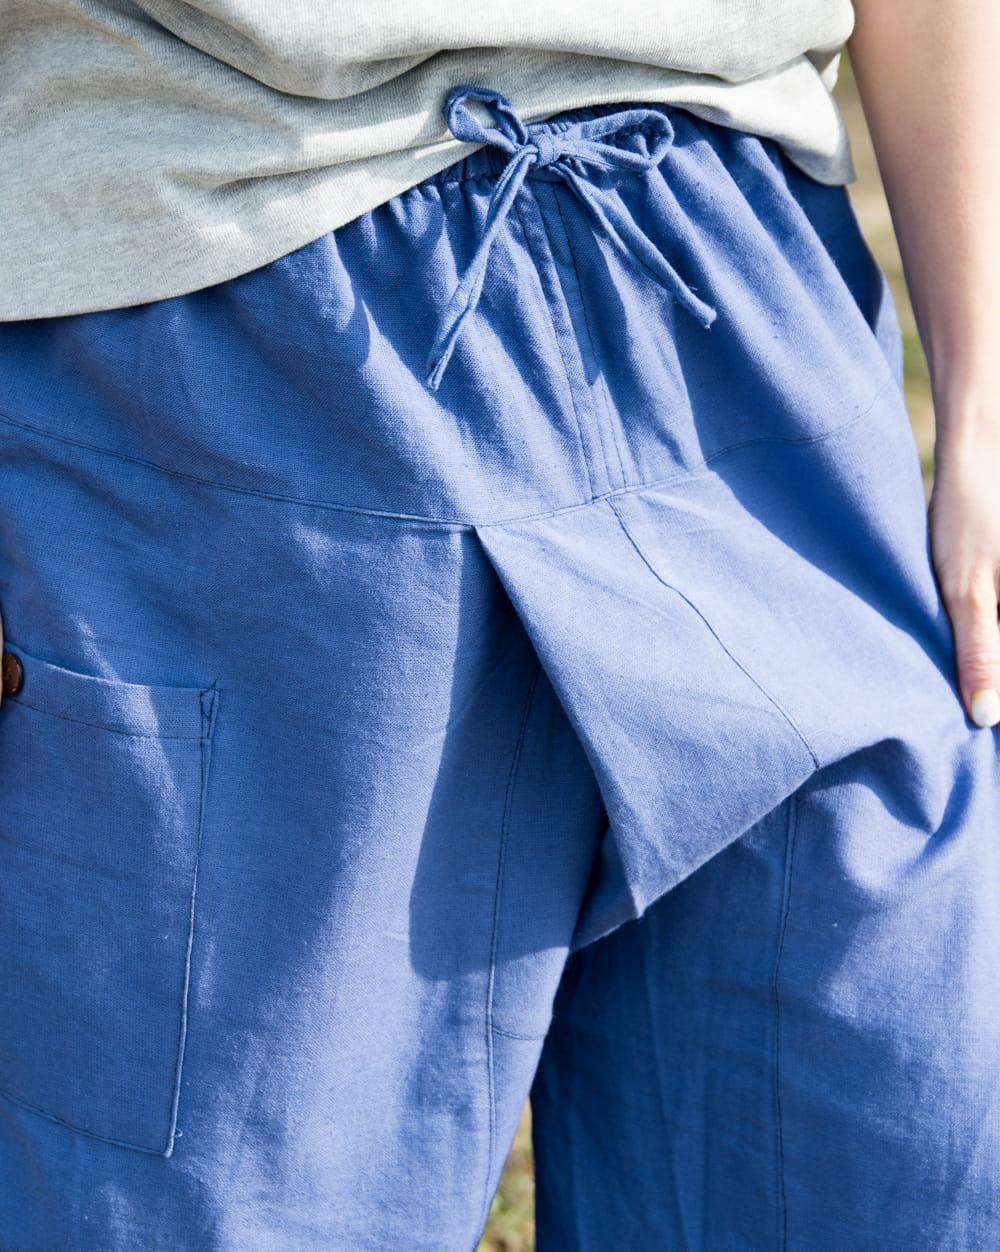 病みつきになる履き心地 簡単!らくちん!タイパンツ 6 - 最大のポイント!まるでタイパンツを履いているかのような股部分が織り込まれたデザインです。